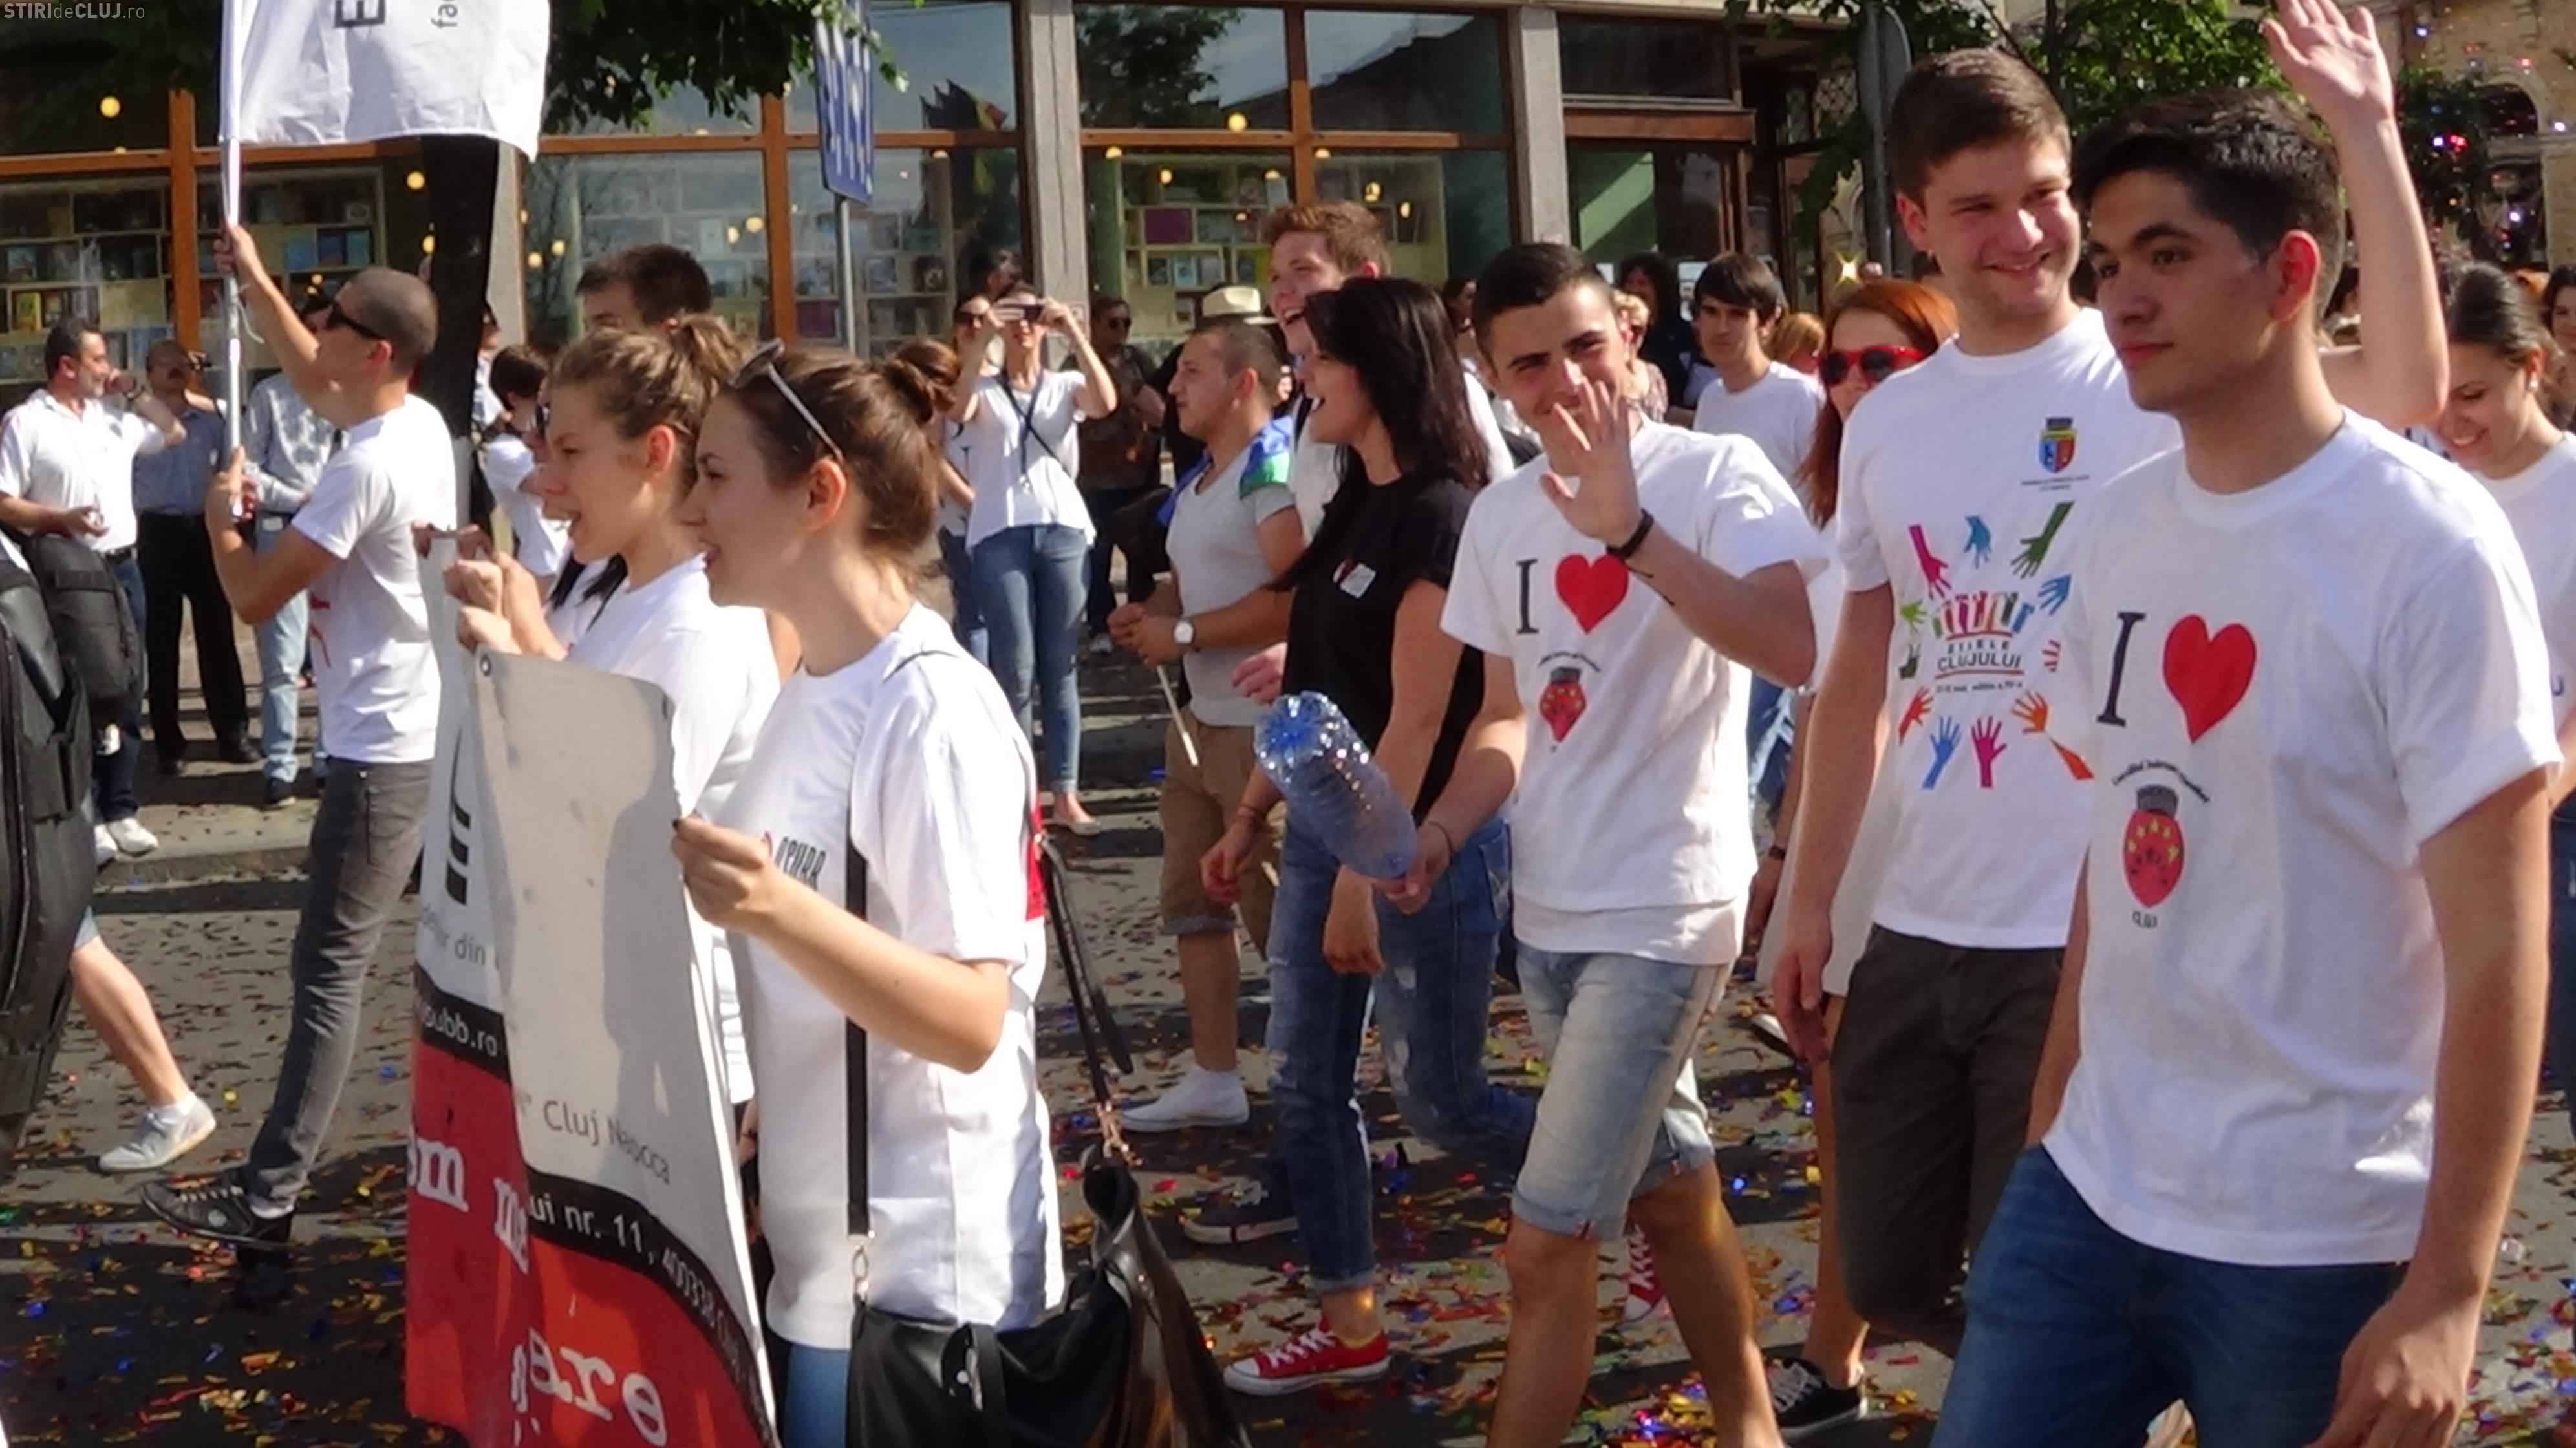 ZILELE CLUJULUI 2014 - Parada SUPERBĂ la ceremonia de deschidere - VIDEO